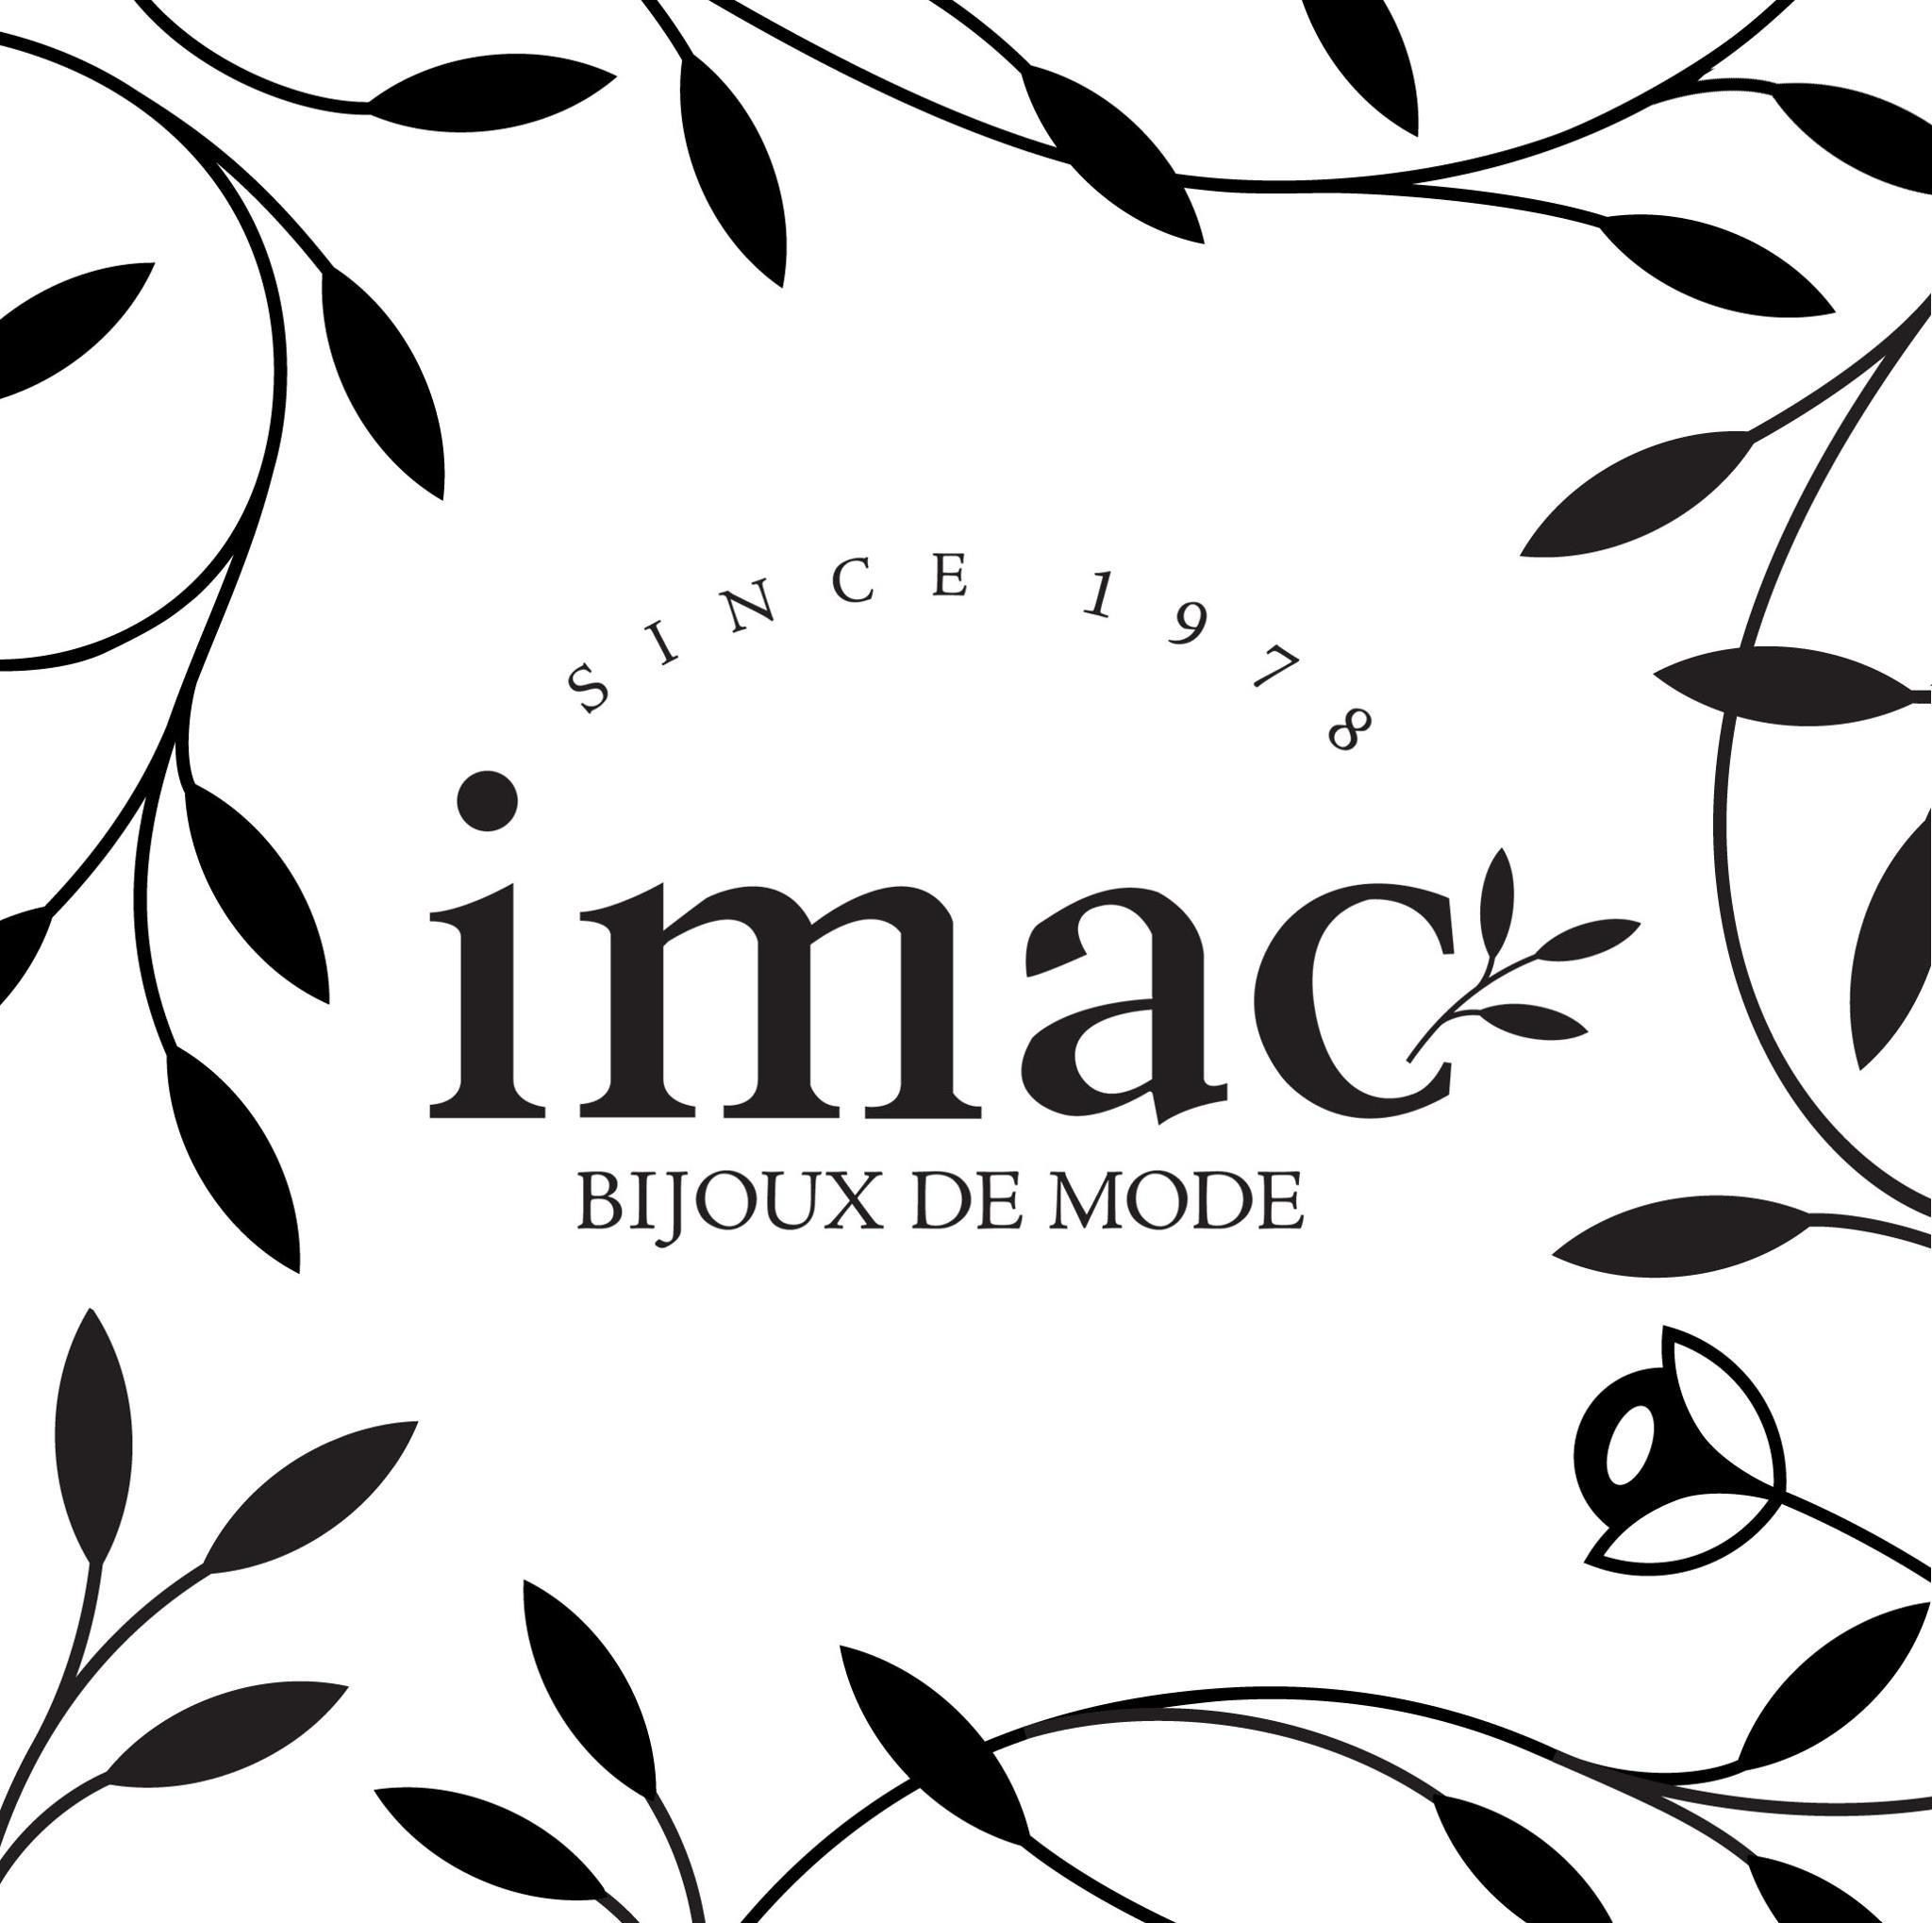 イマック/imac コスチュームジュエリー